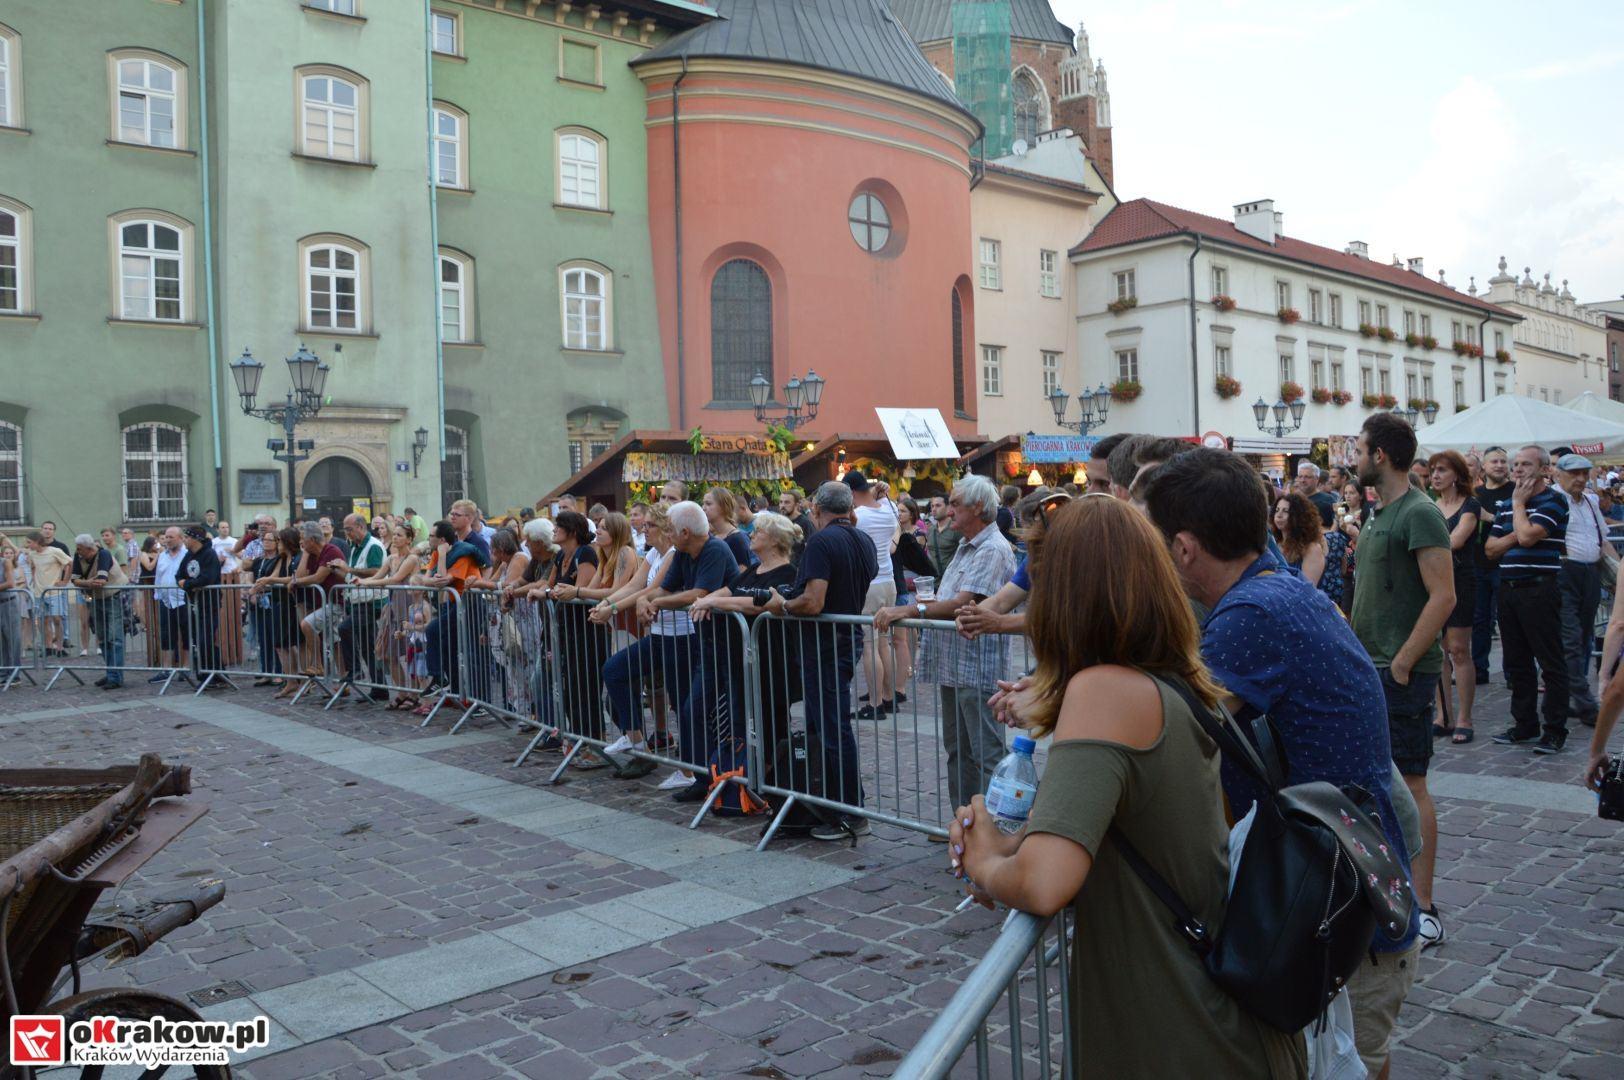 krakow festiwal pierogow maly rynek koncert cheap tobacco 122 150x150 - Galeria zdjęć Festiwal Pierogów Kraków 2018 + zdjęcia z koncertu Cheap Tobacco